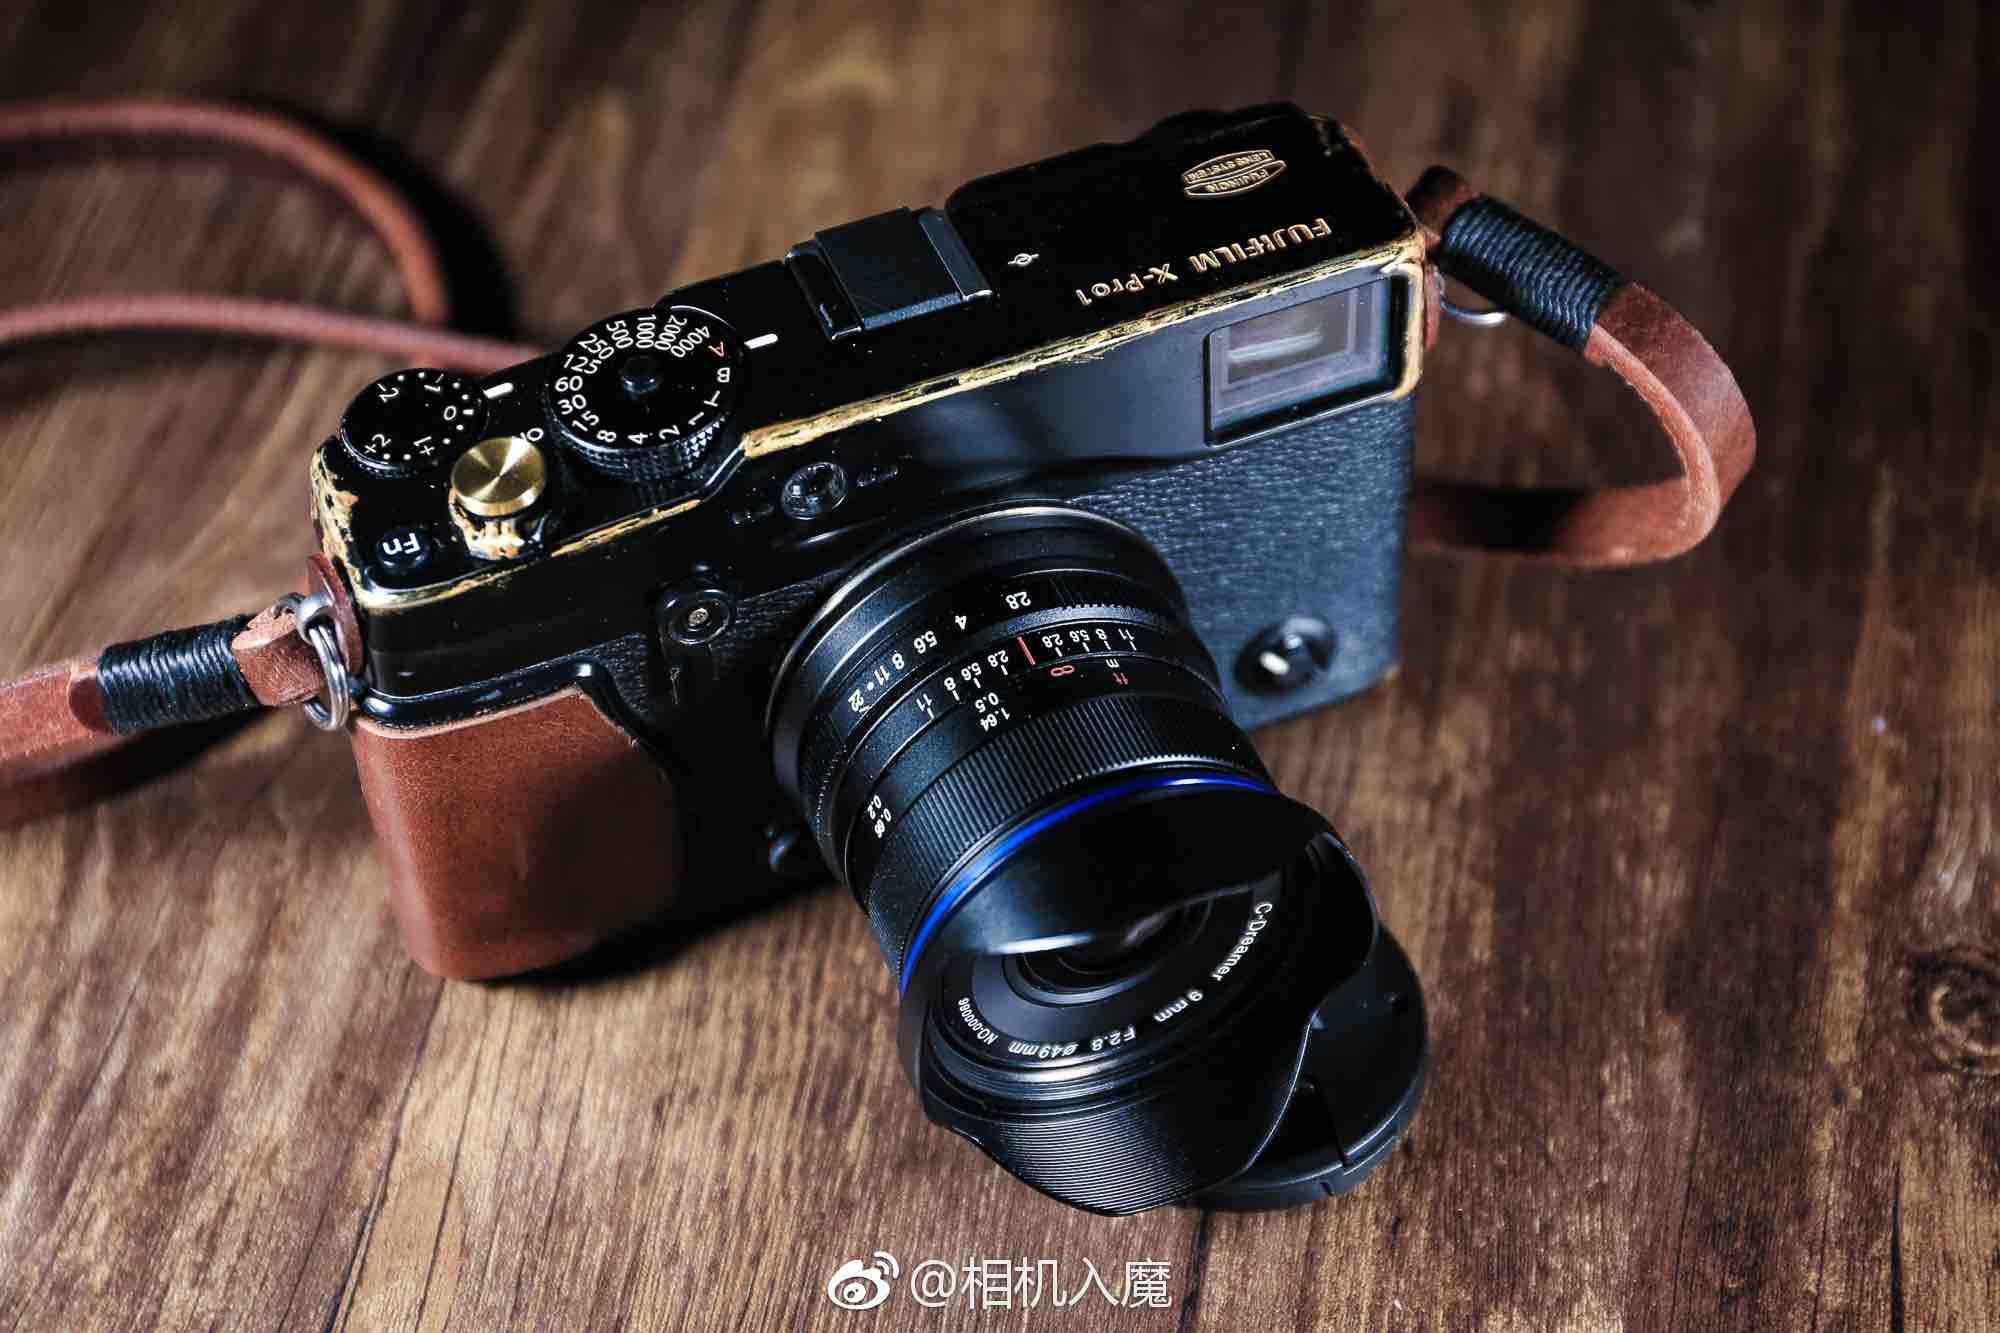 Laowa 9mm on X Pro1